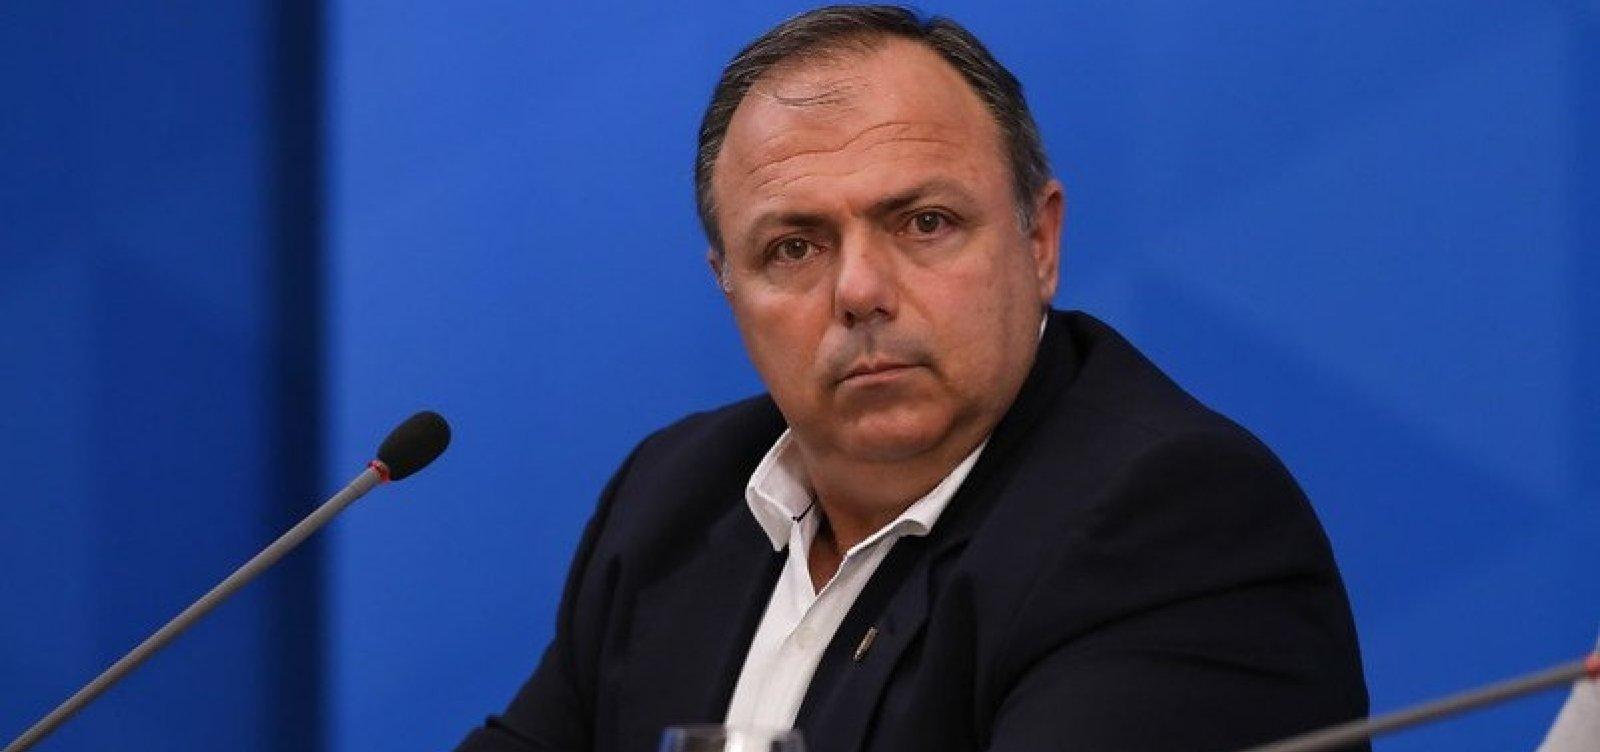 [Após mais de 3 meses como interino, Pazuello toma posse como ministro da Saúde]